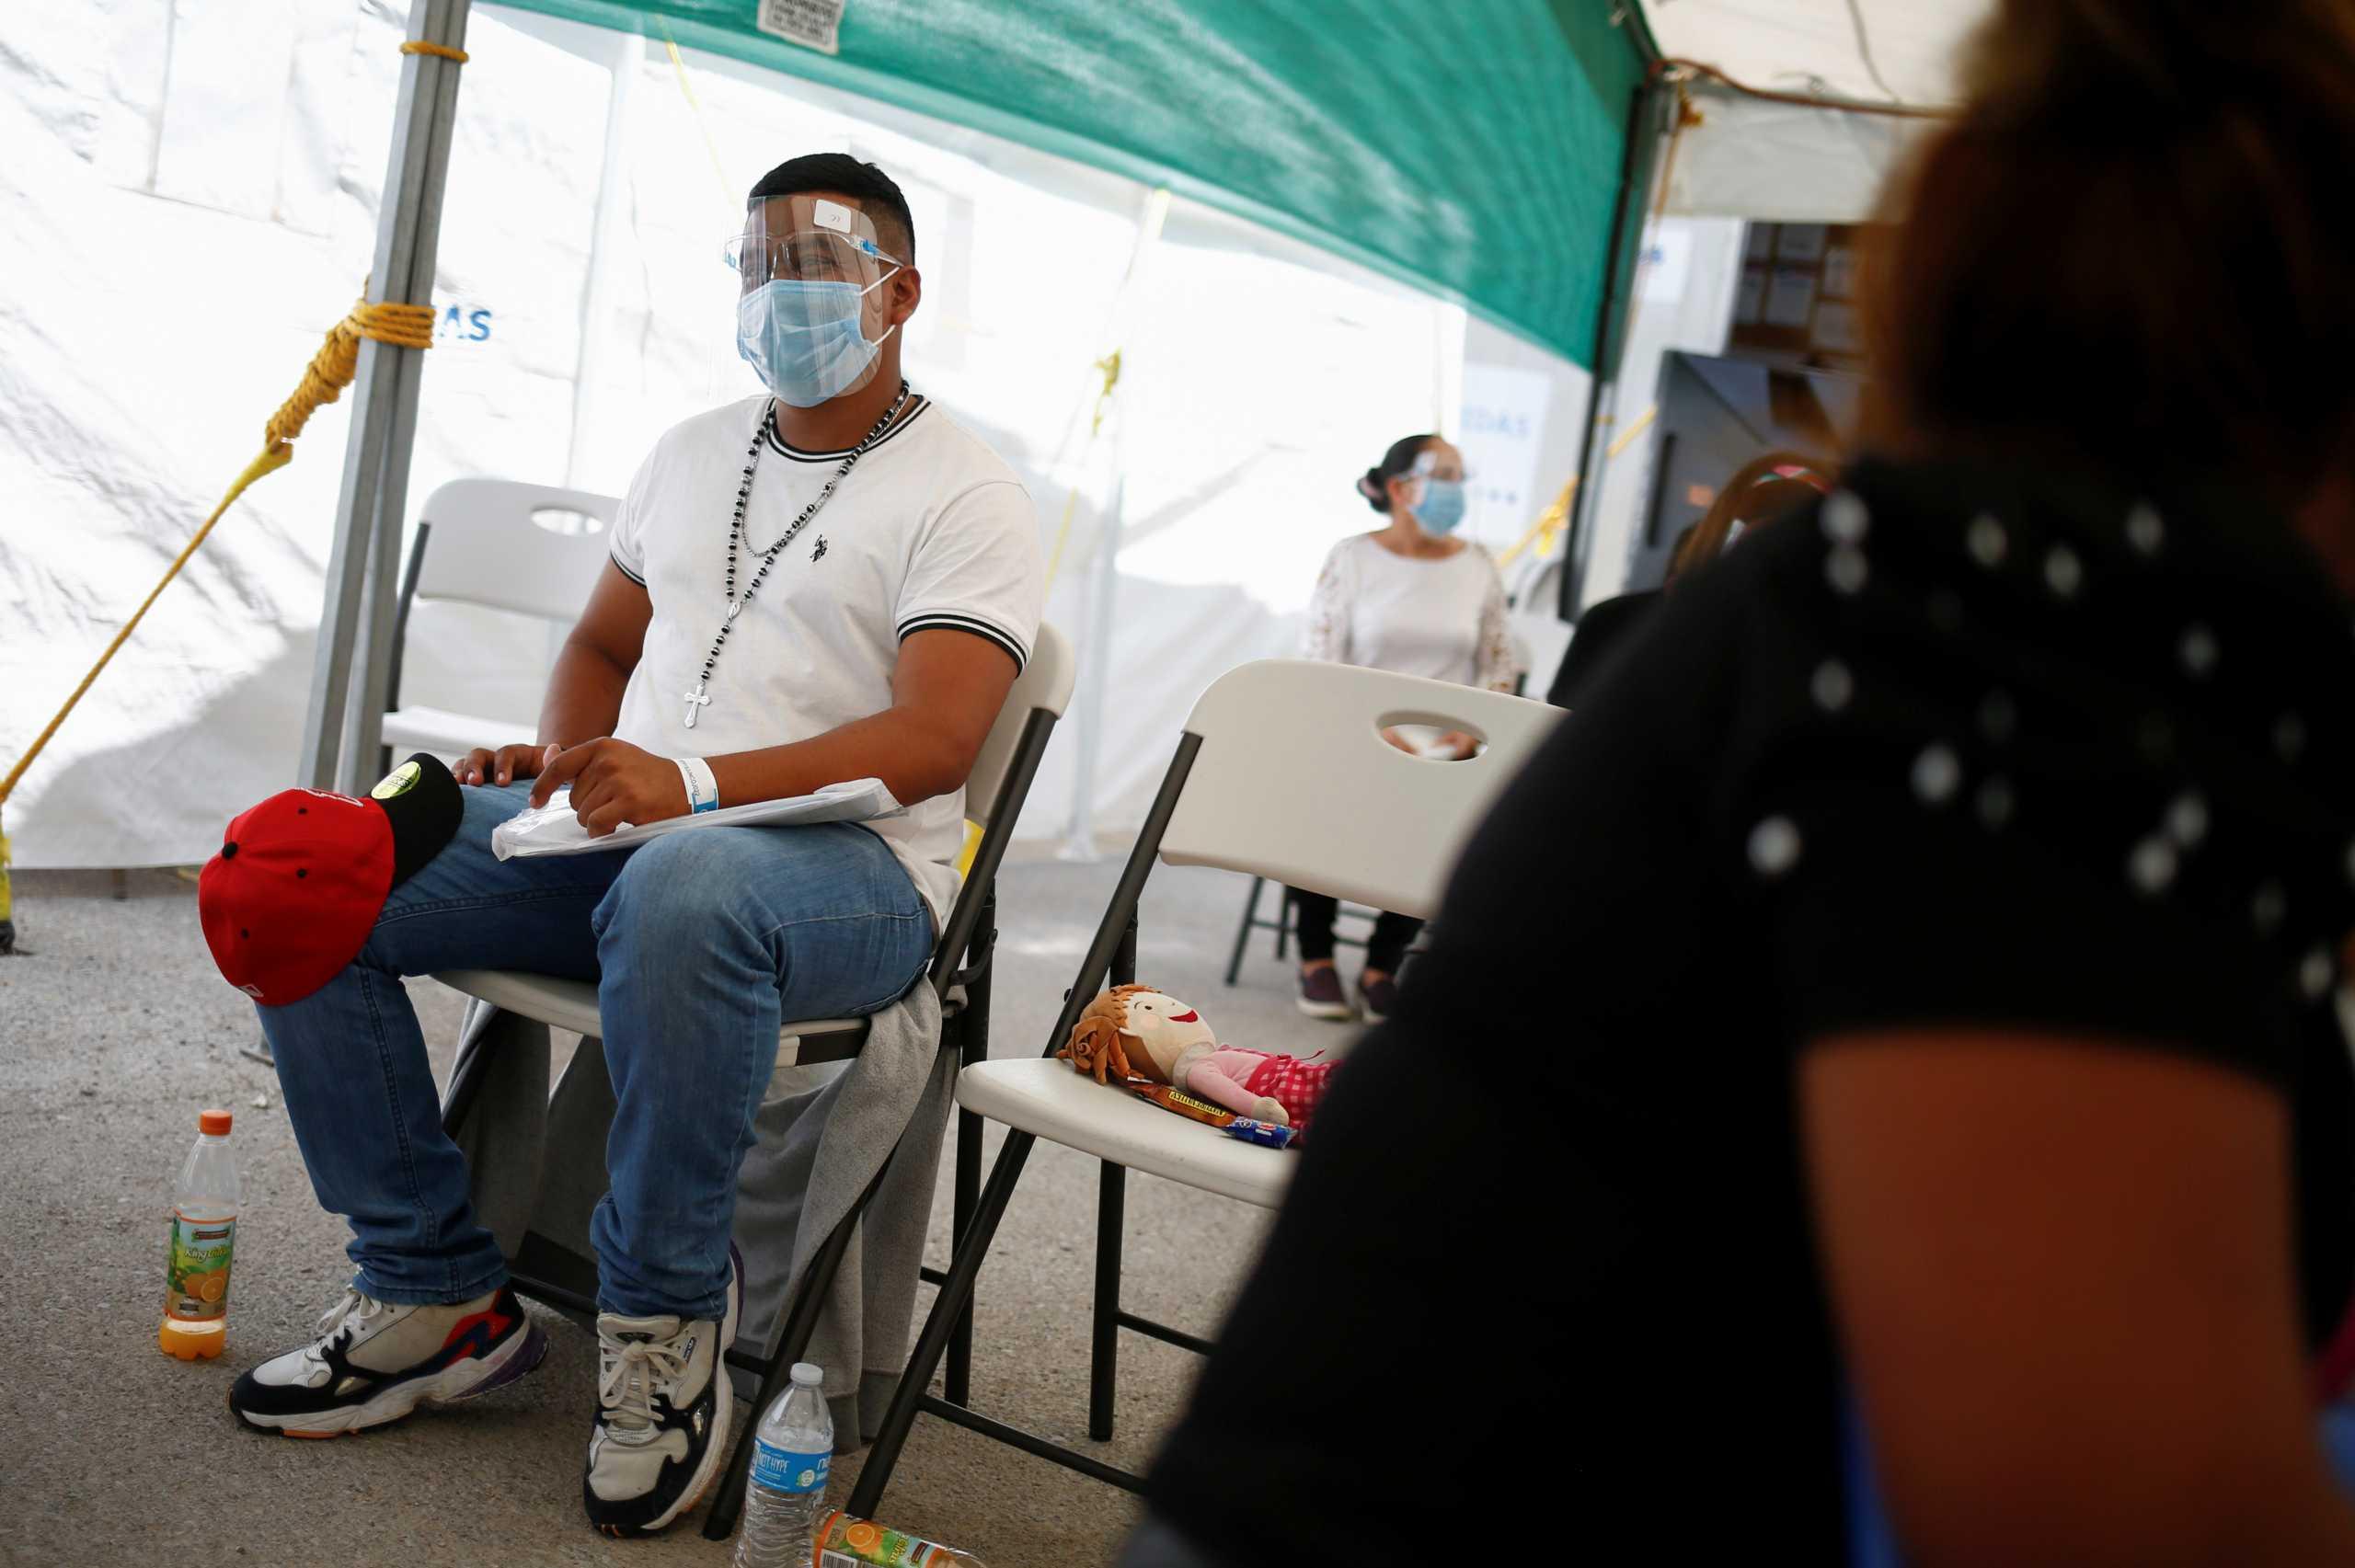 Μεξικό: 450 νεκροί και πάνω από 18.800 νέα κρούσματα κορονοϊού